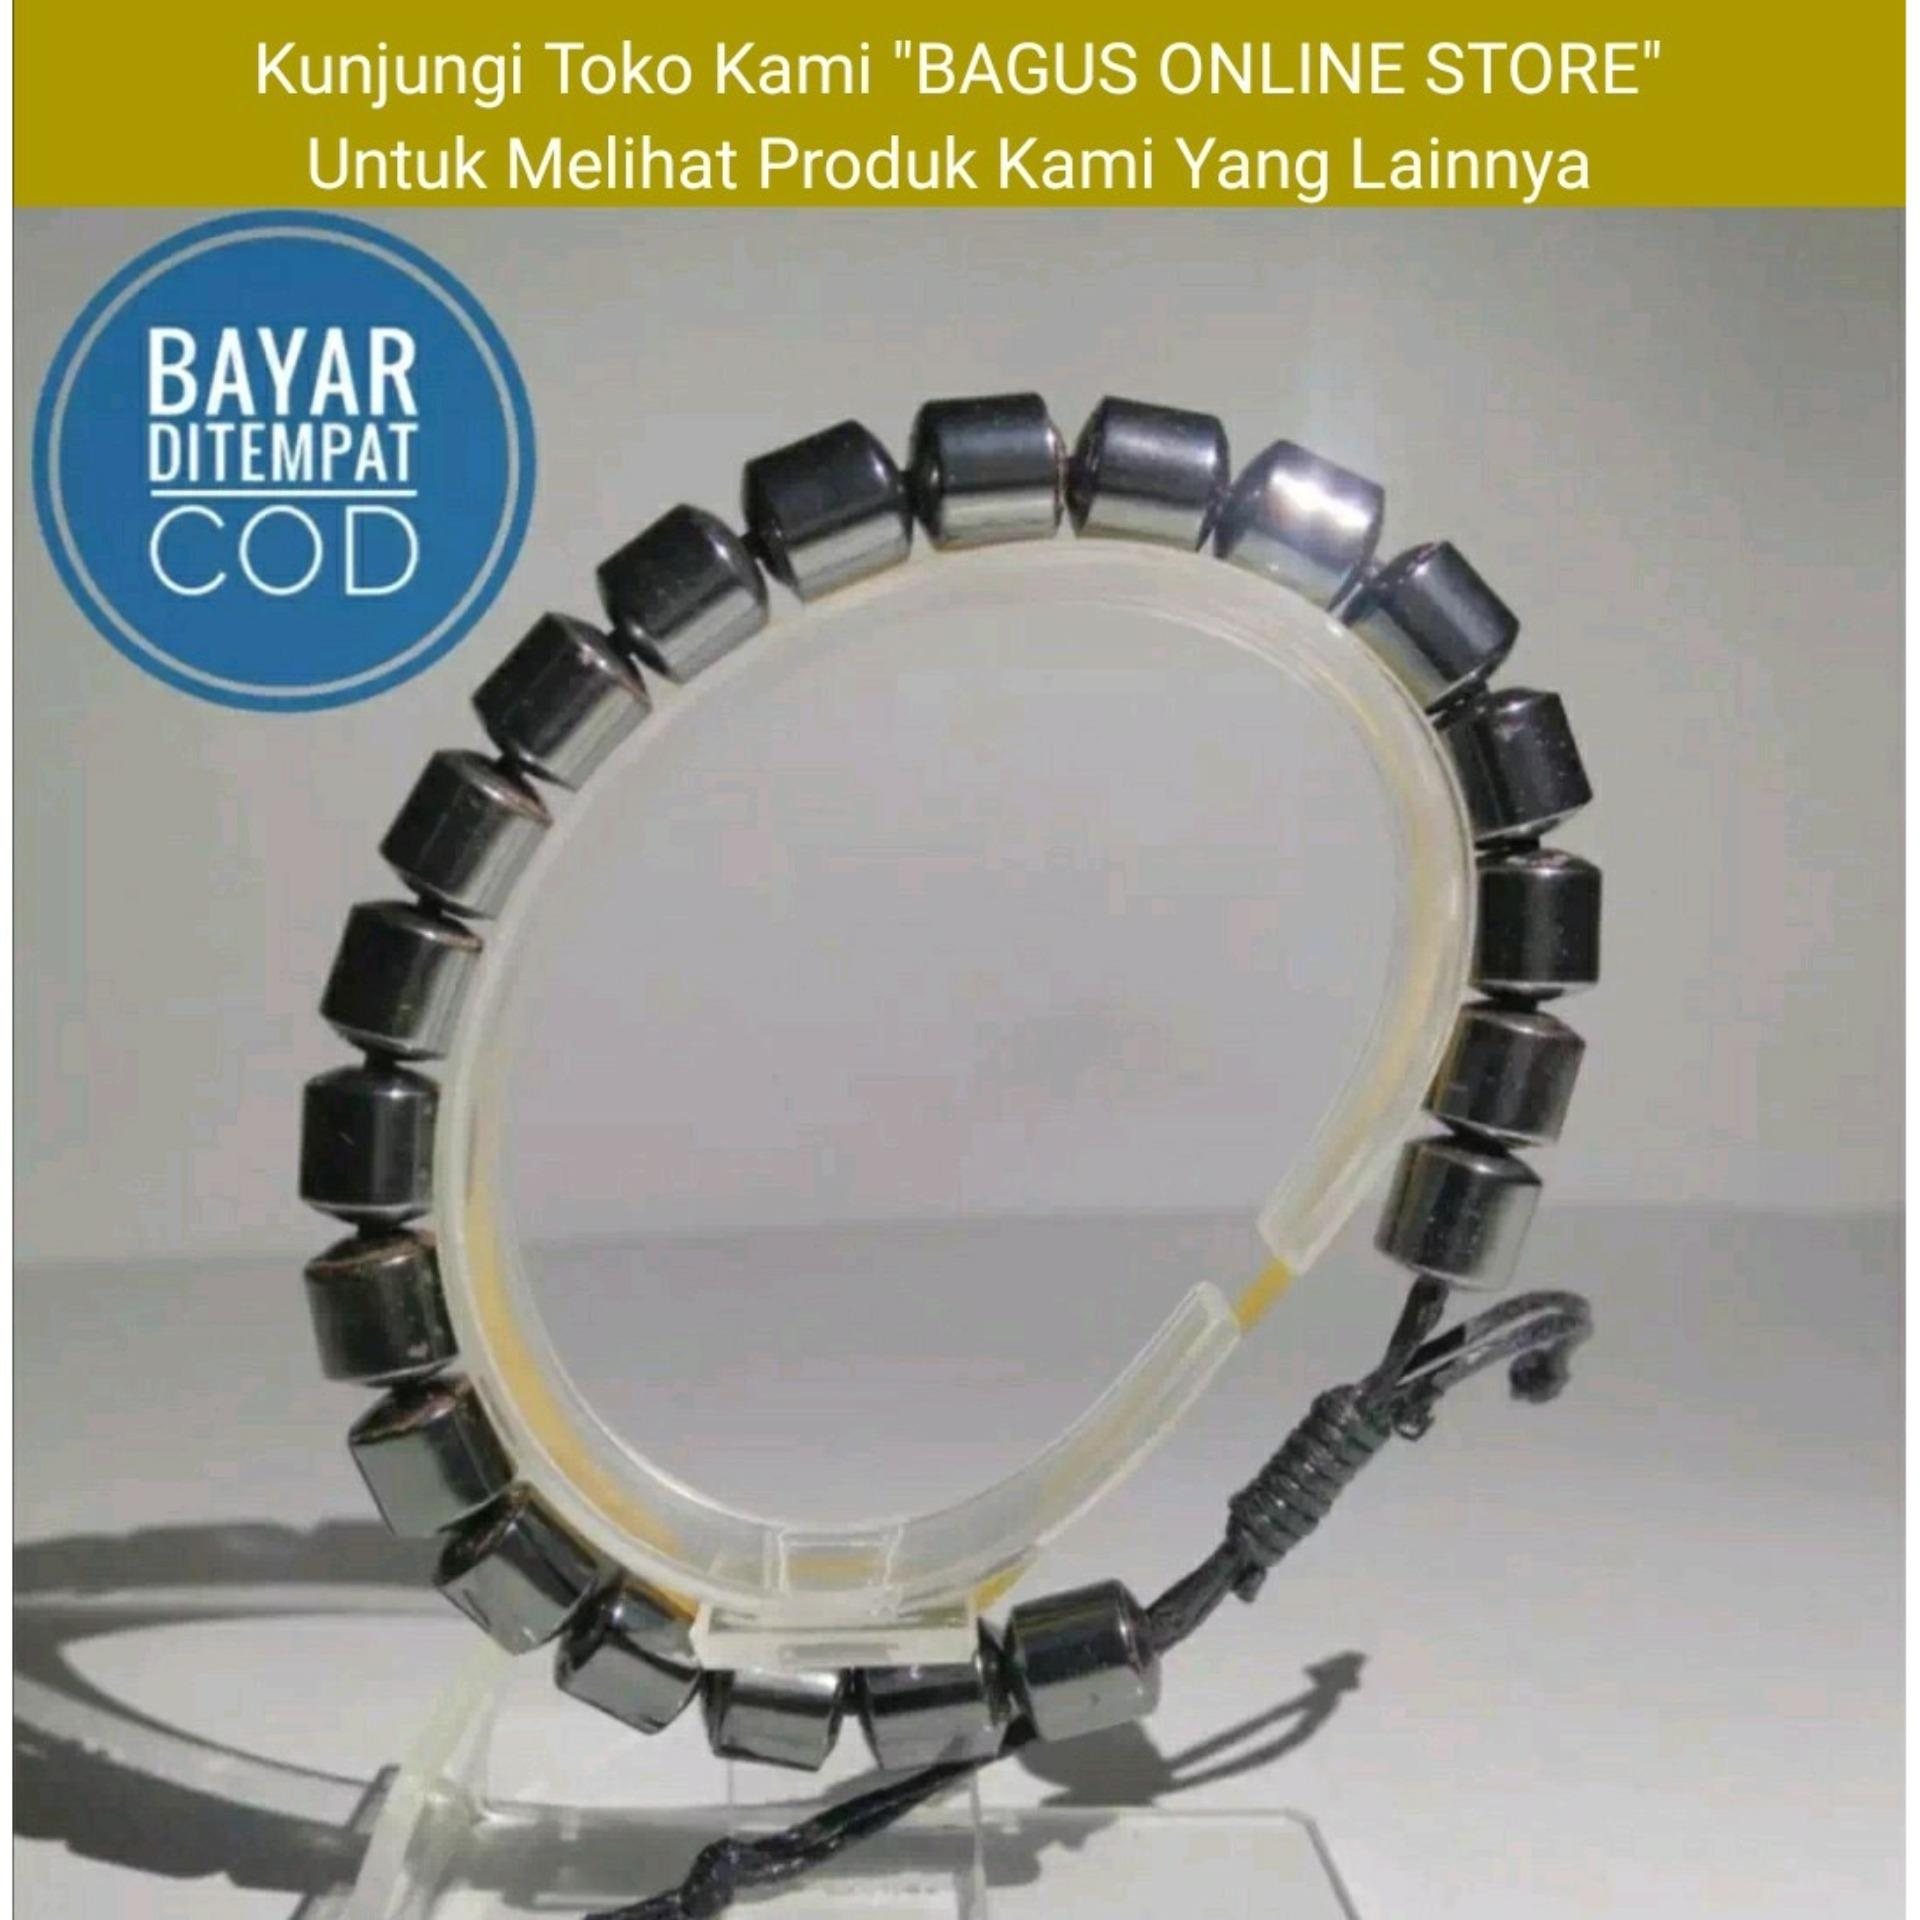 Jual Gelang Bengel Murah Garansi Dan Berkualitas Id Store Sohoku Kulit Anyaman Tipis Rp 14500